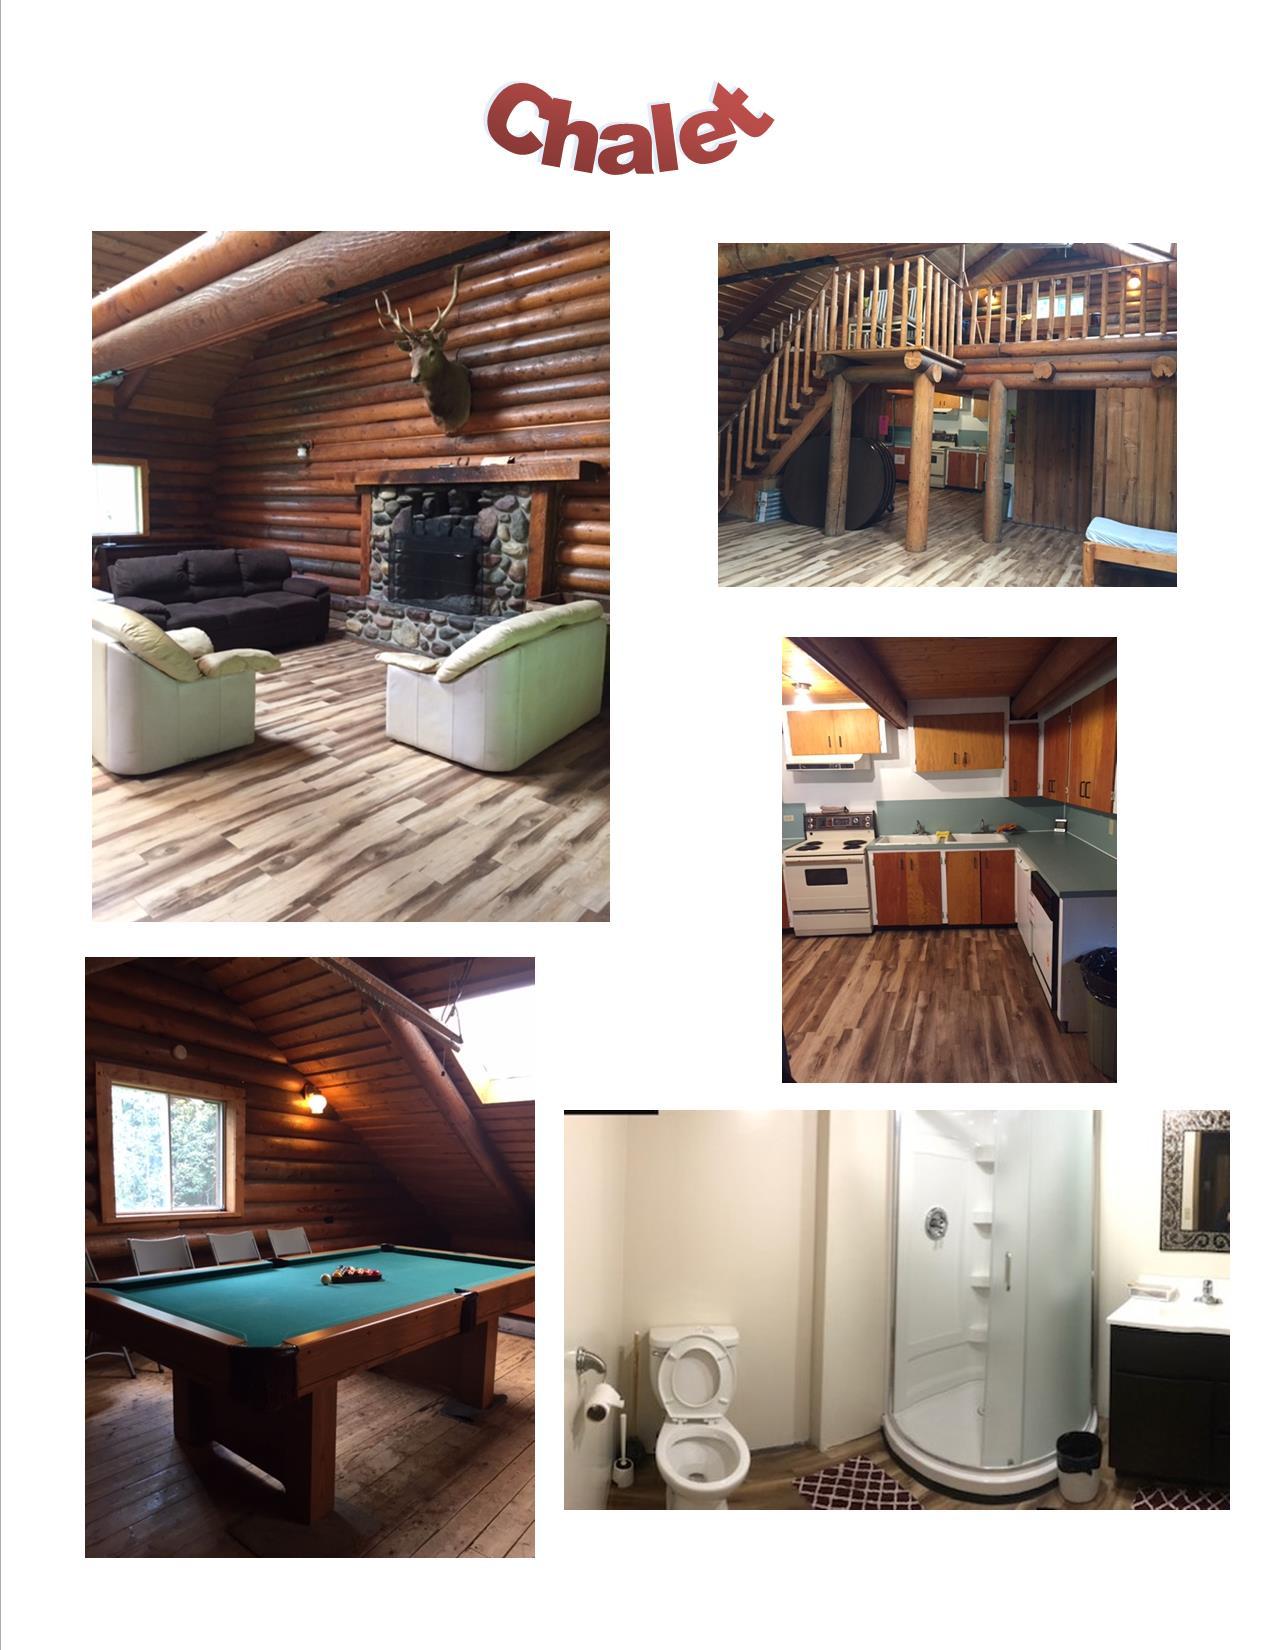 Cabin Rentals Chalet